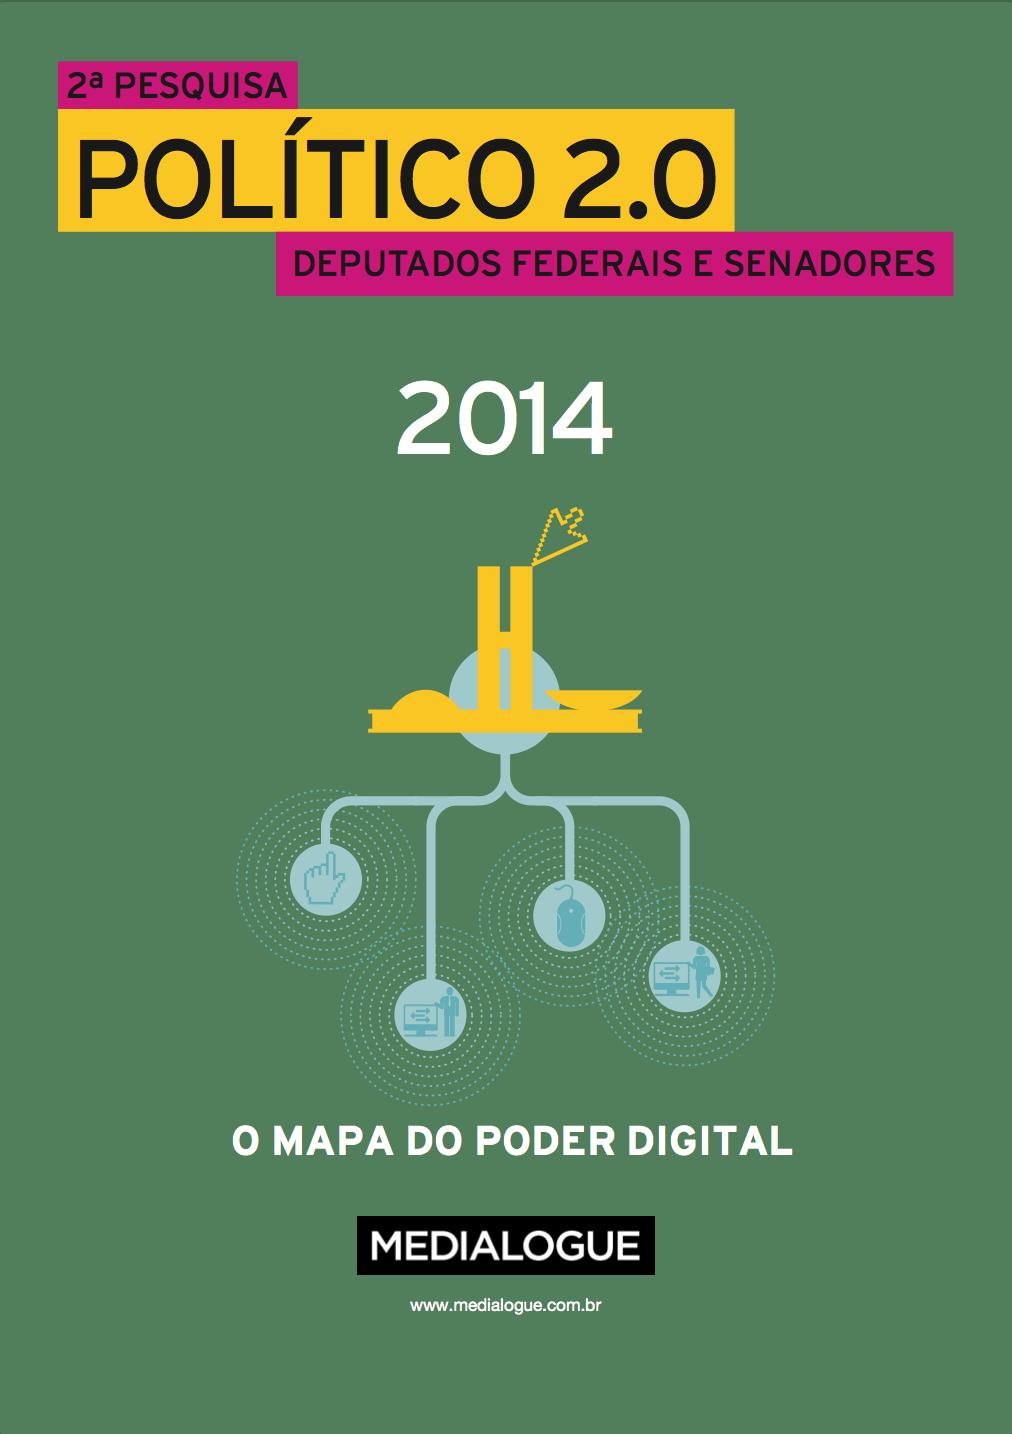 Politico-20-2014-Medialogue